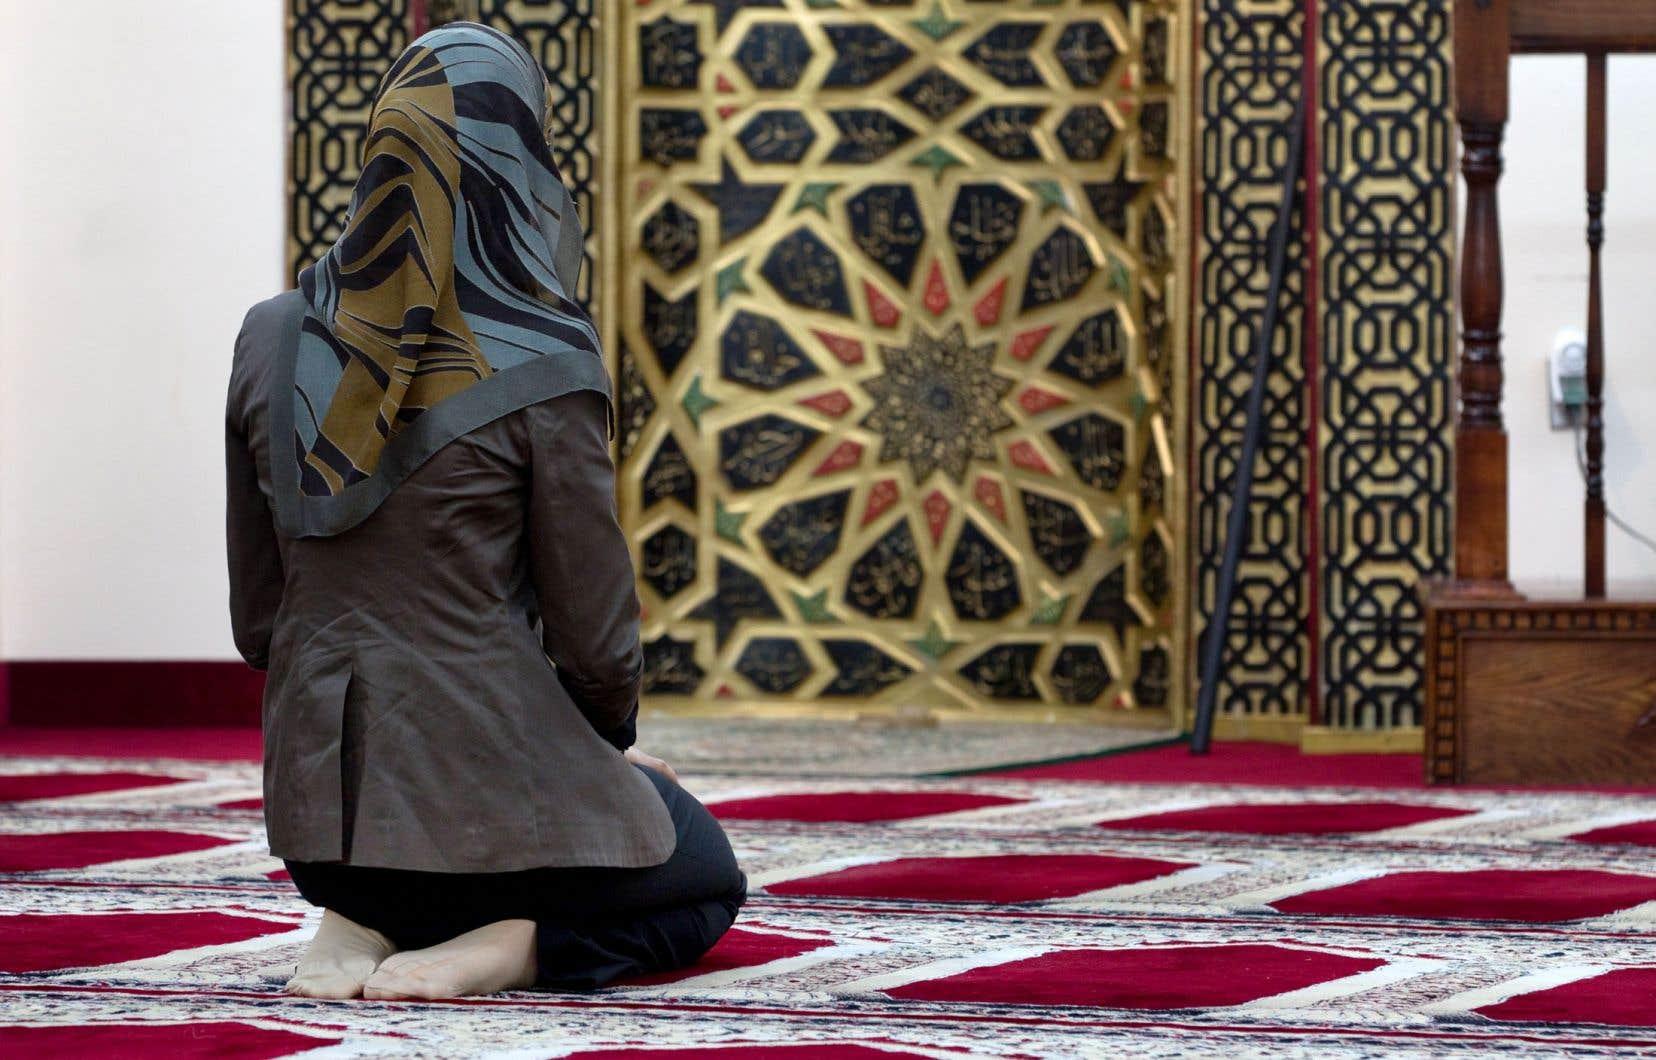 Certains pays musulmans, telles l'Égypte, l'Algérie, la Tunisie et d'autres, ont interdit le voile intégral dans certains lieux, espérant ainsi freiner l'influence politique des groupes salafistes.